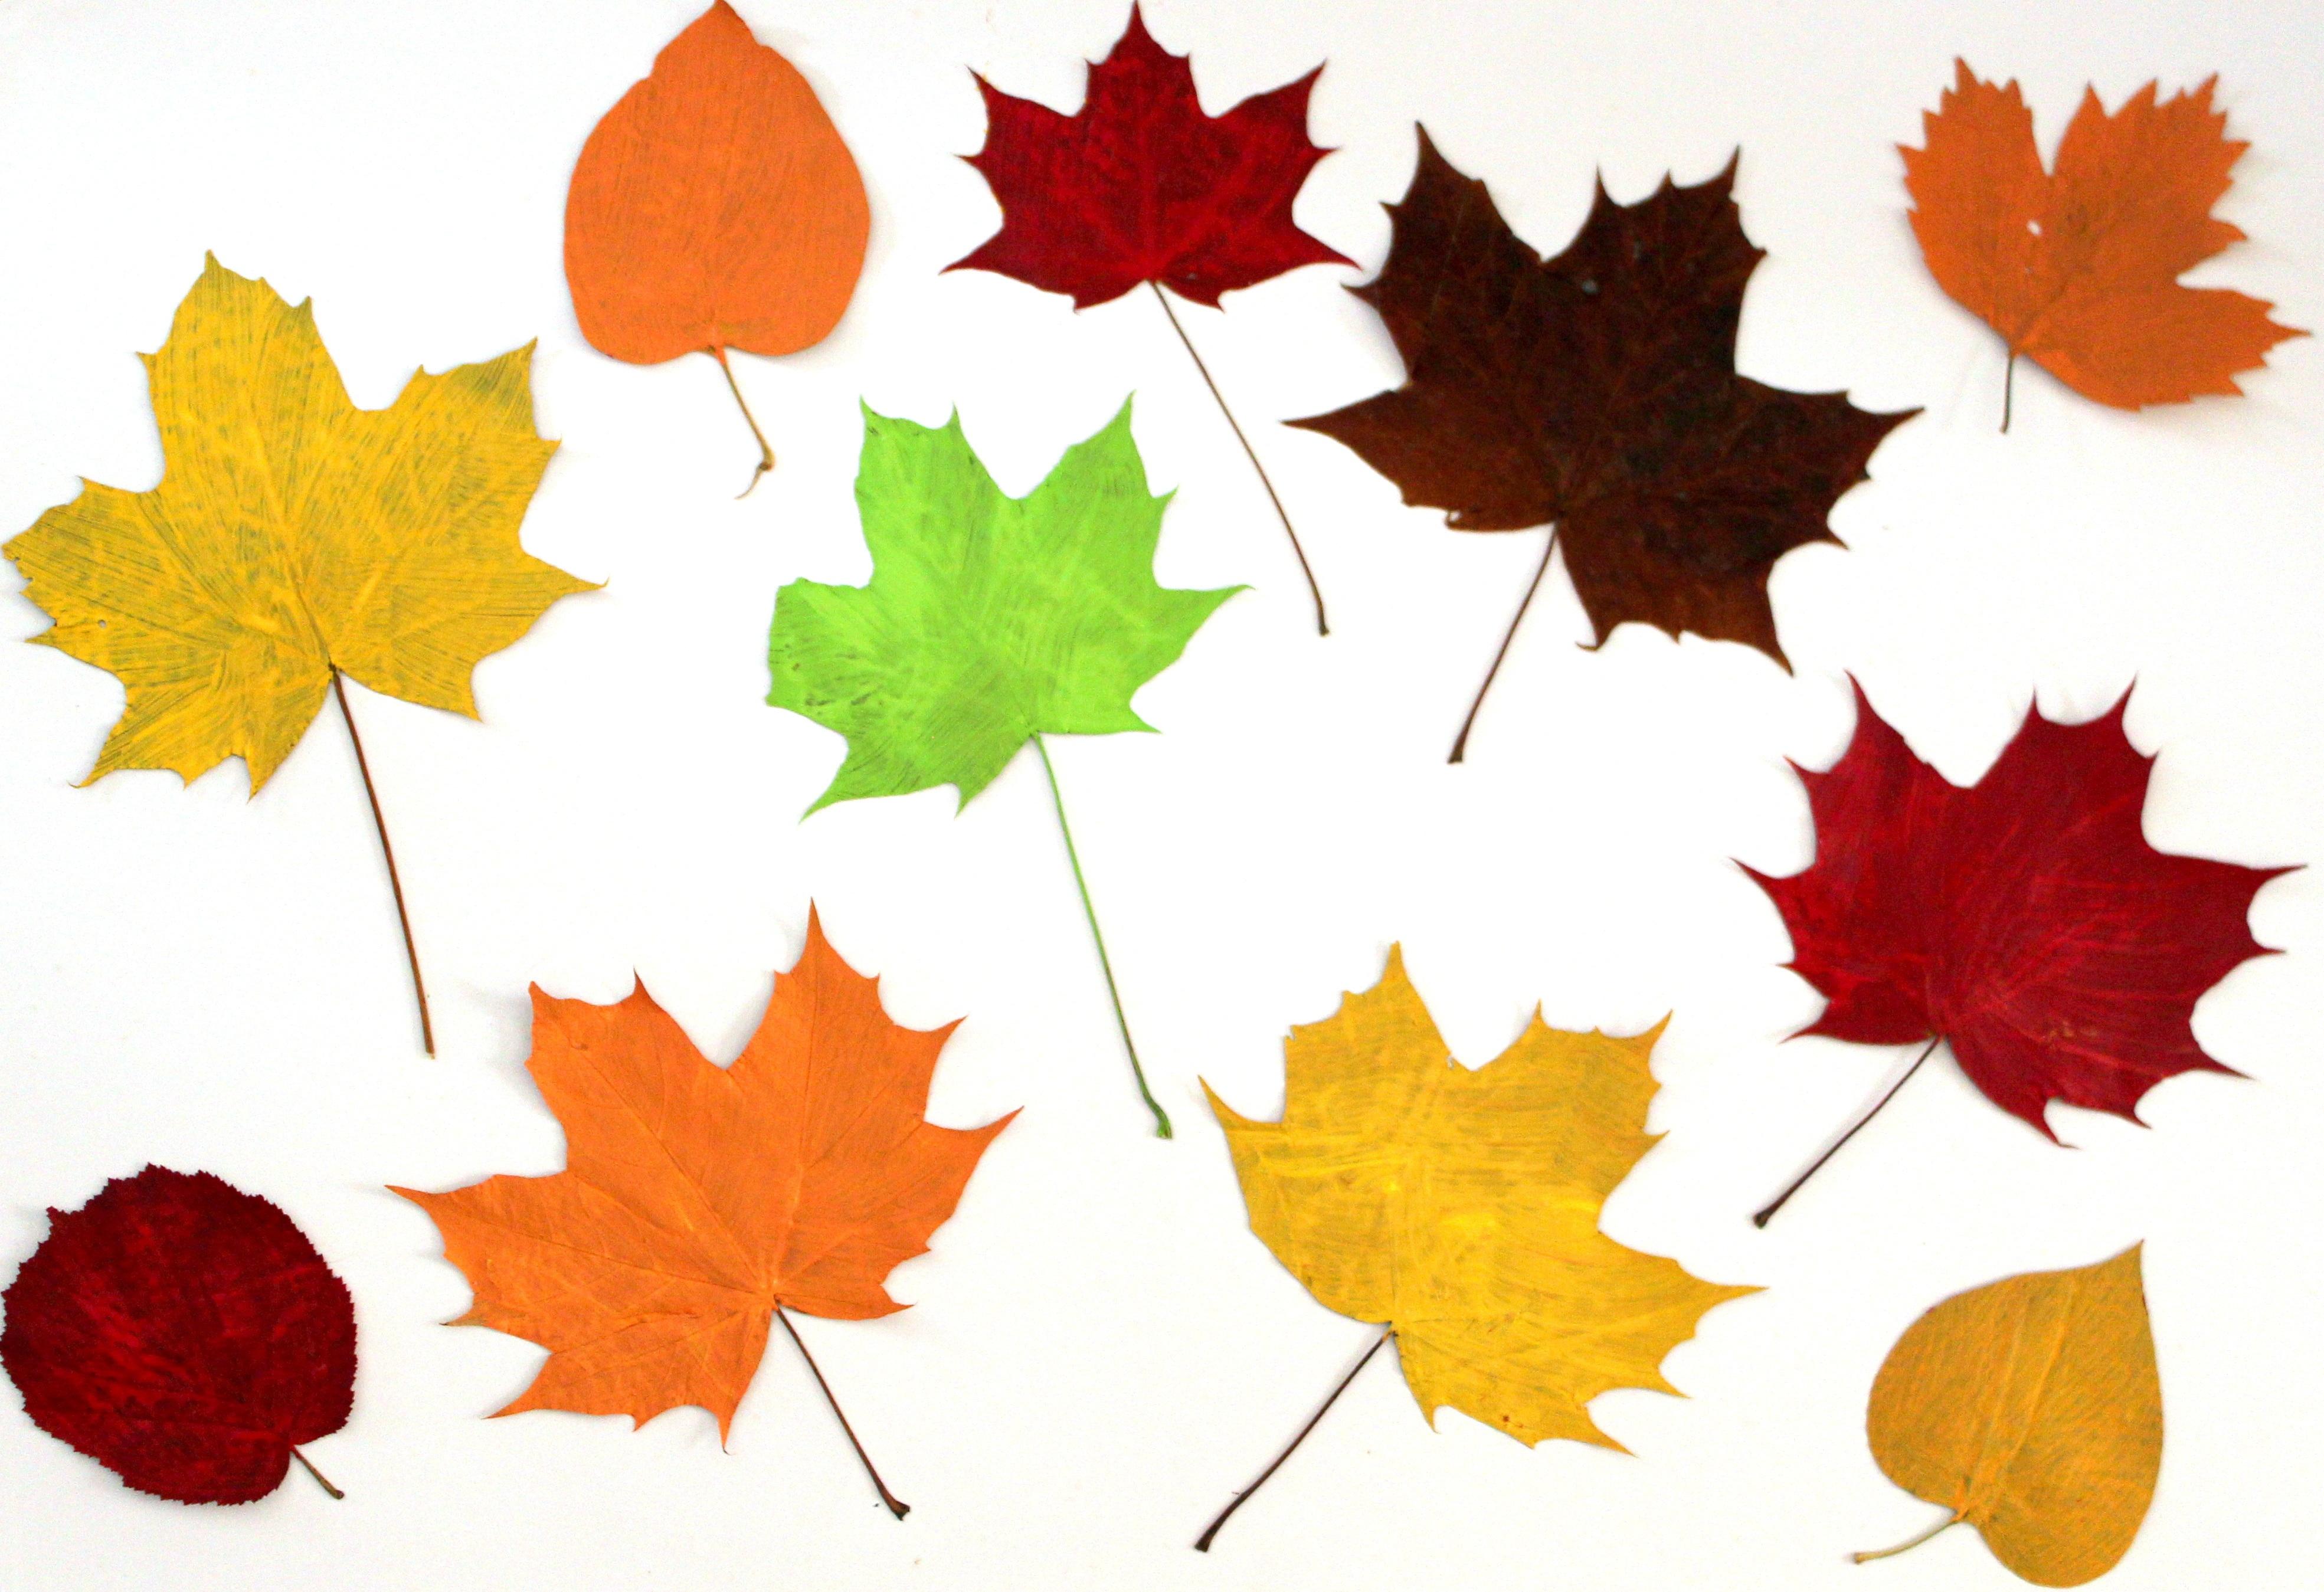 Fotos gratis : naturaleza, rama, antiguo, joven, verde, Produce ...